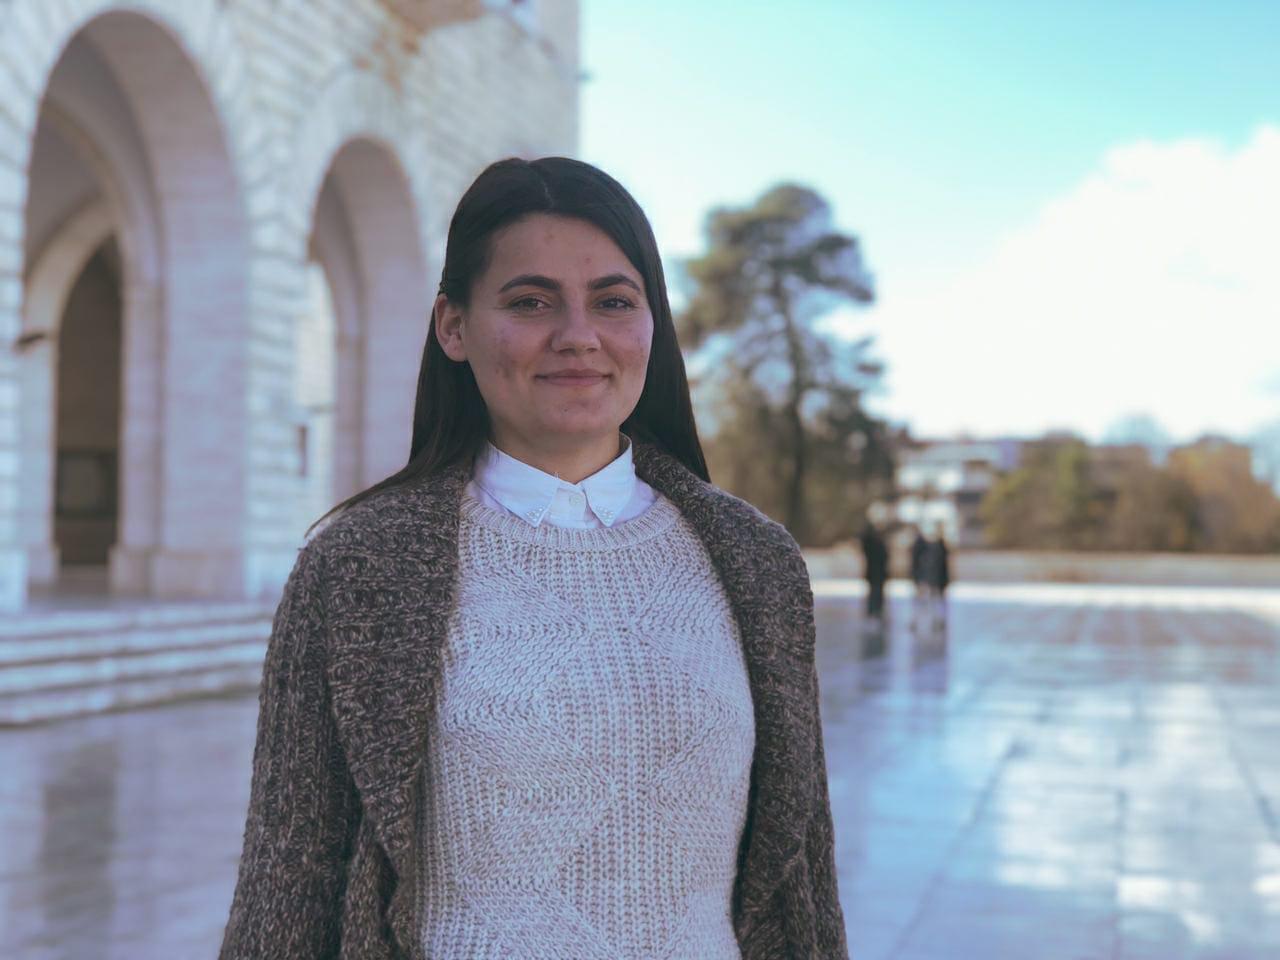 Elisa Omeri